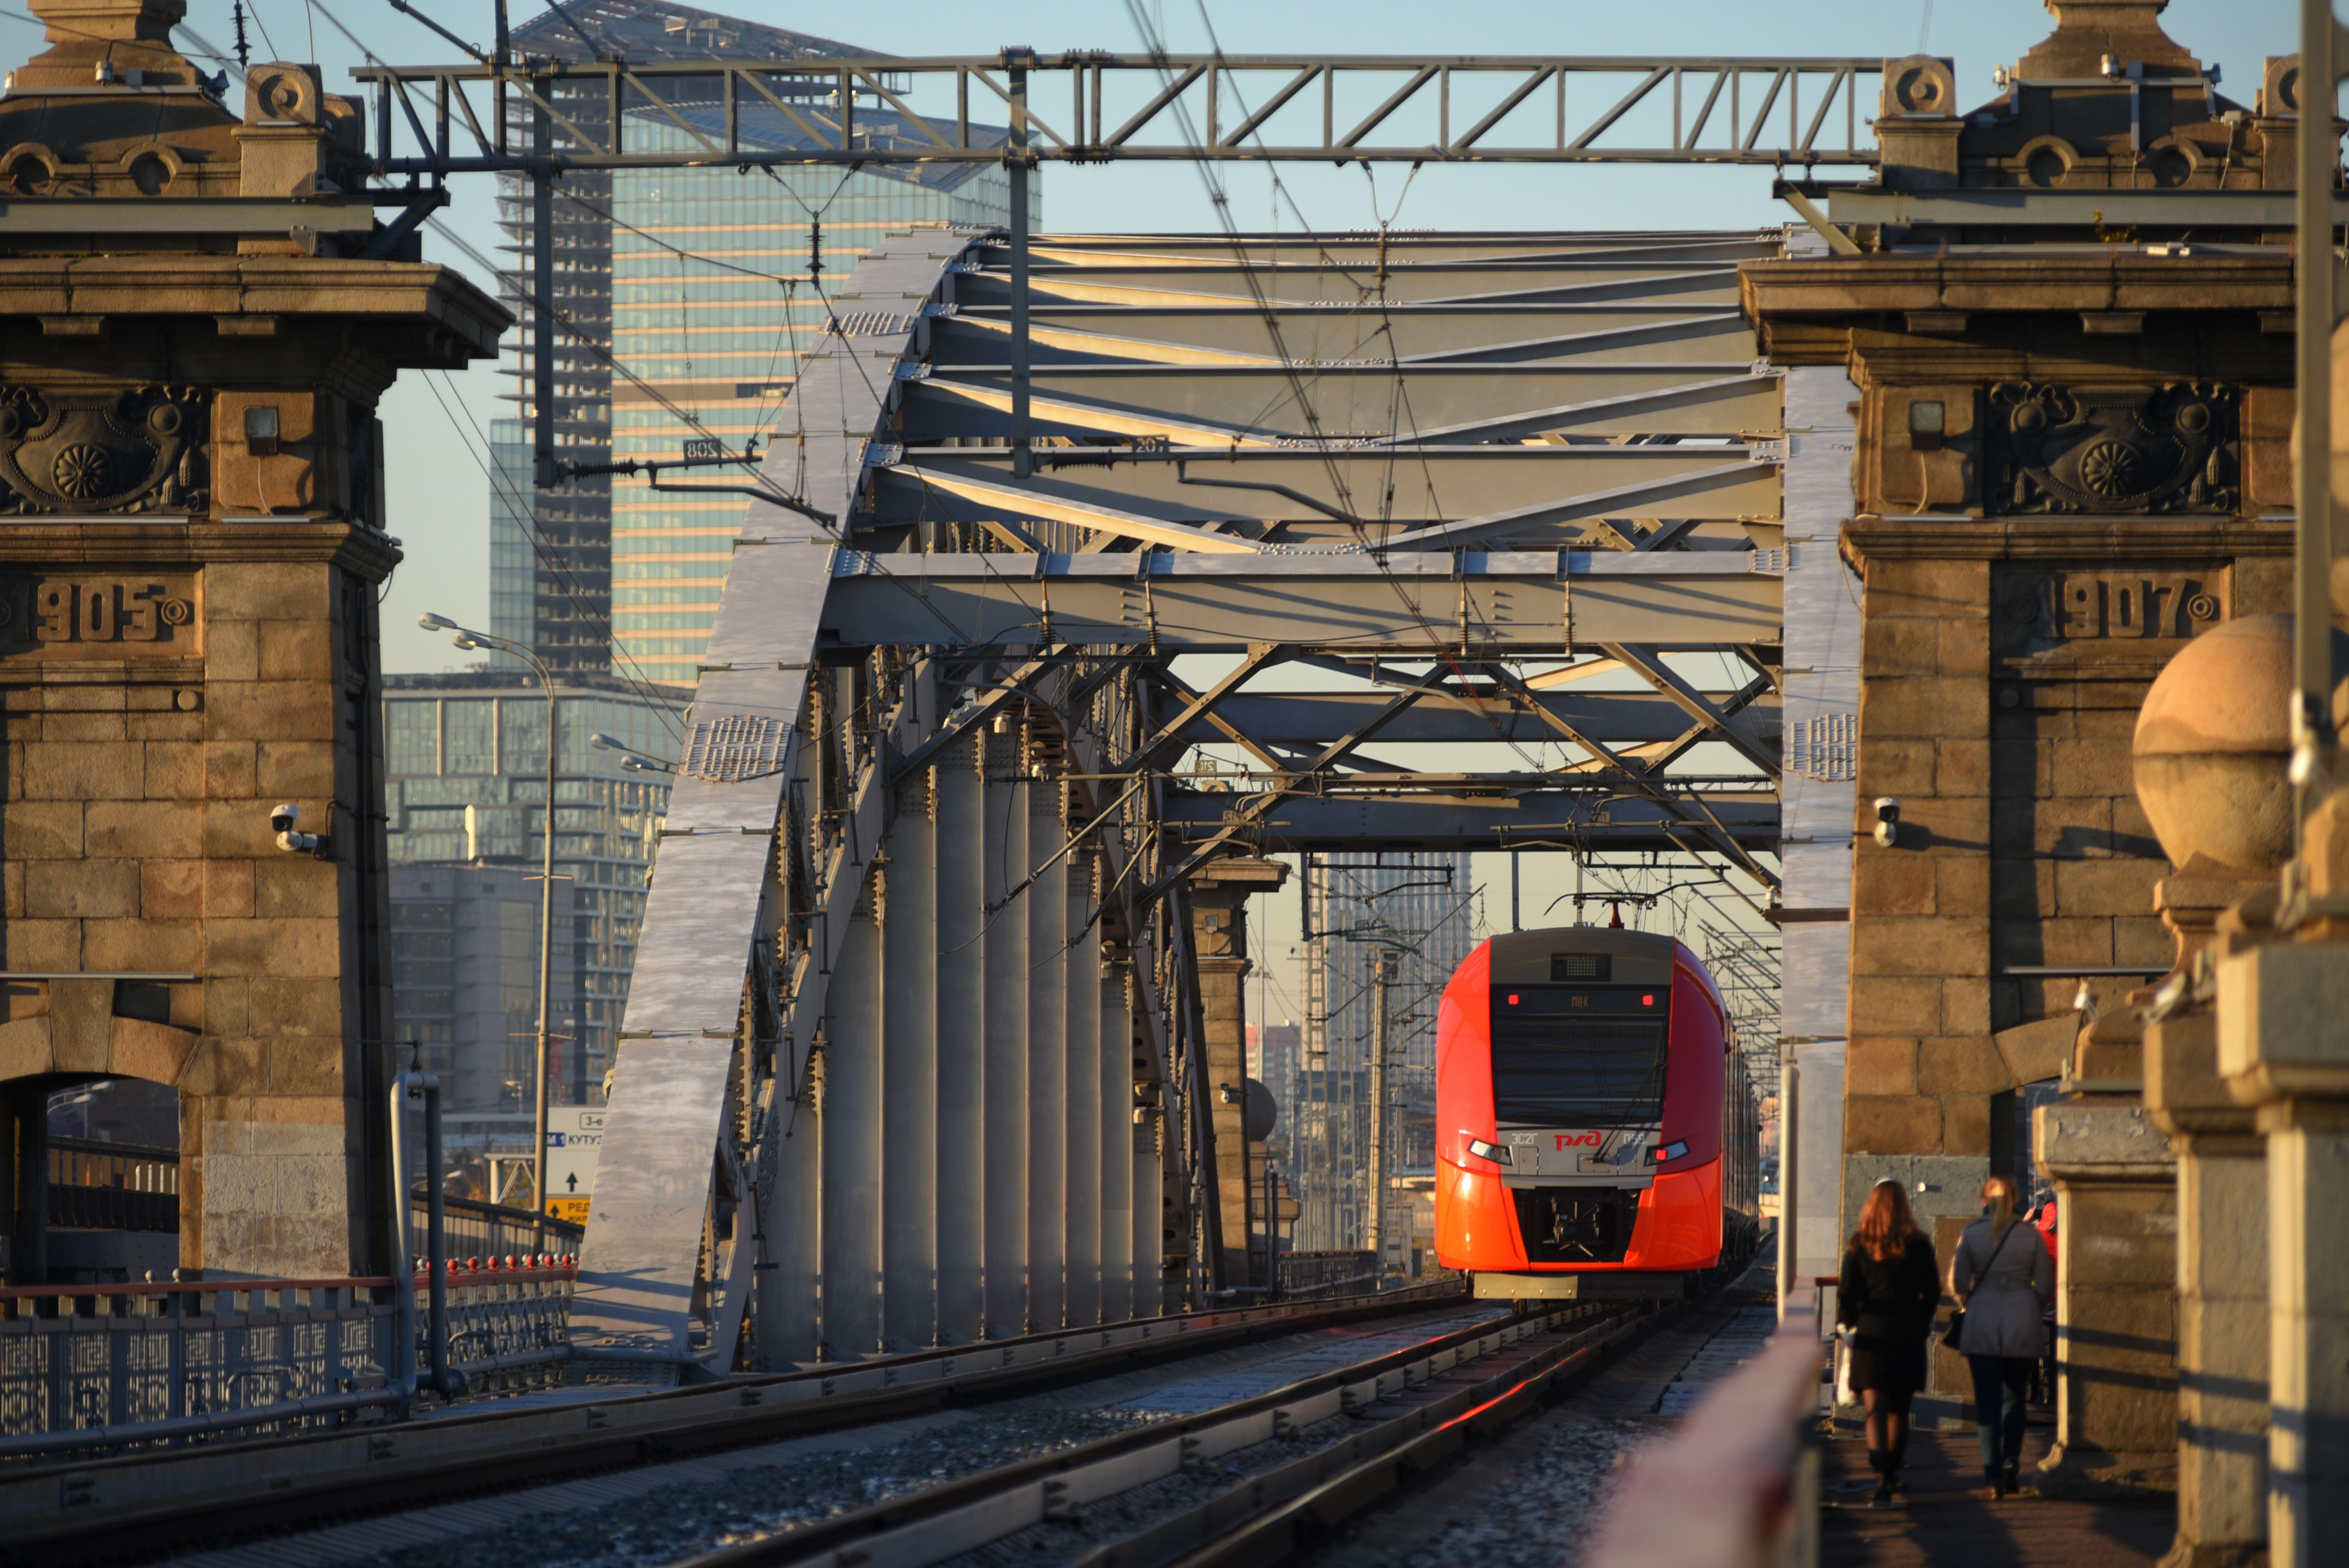 Часть дореволюционной инфраструктуры работает до сих пор. Фото: Александр Кожохин